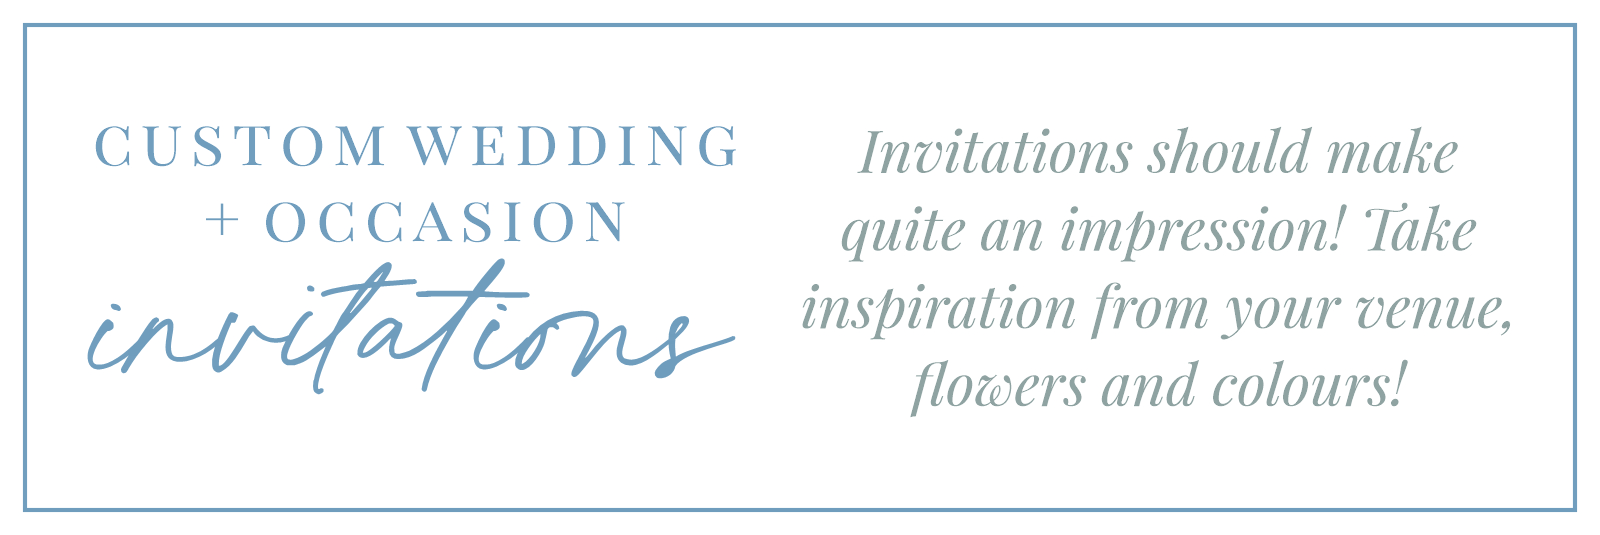 Occasion Invitations Feature